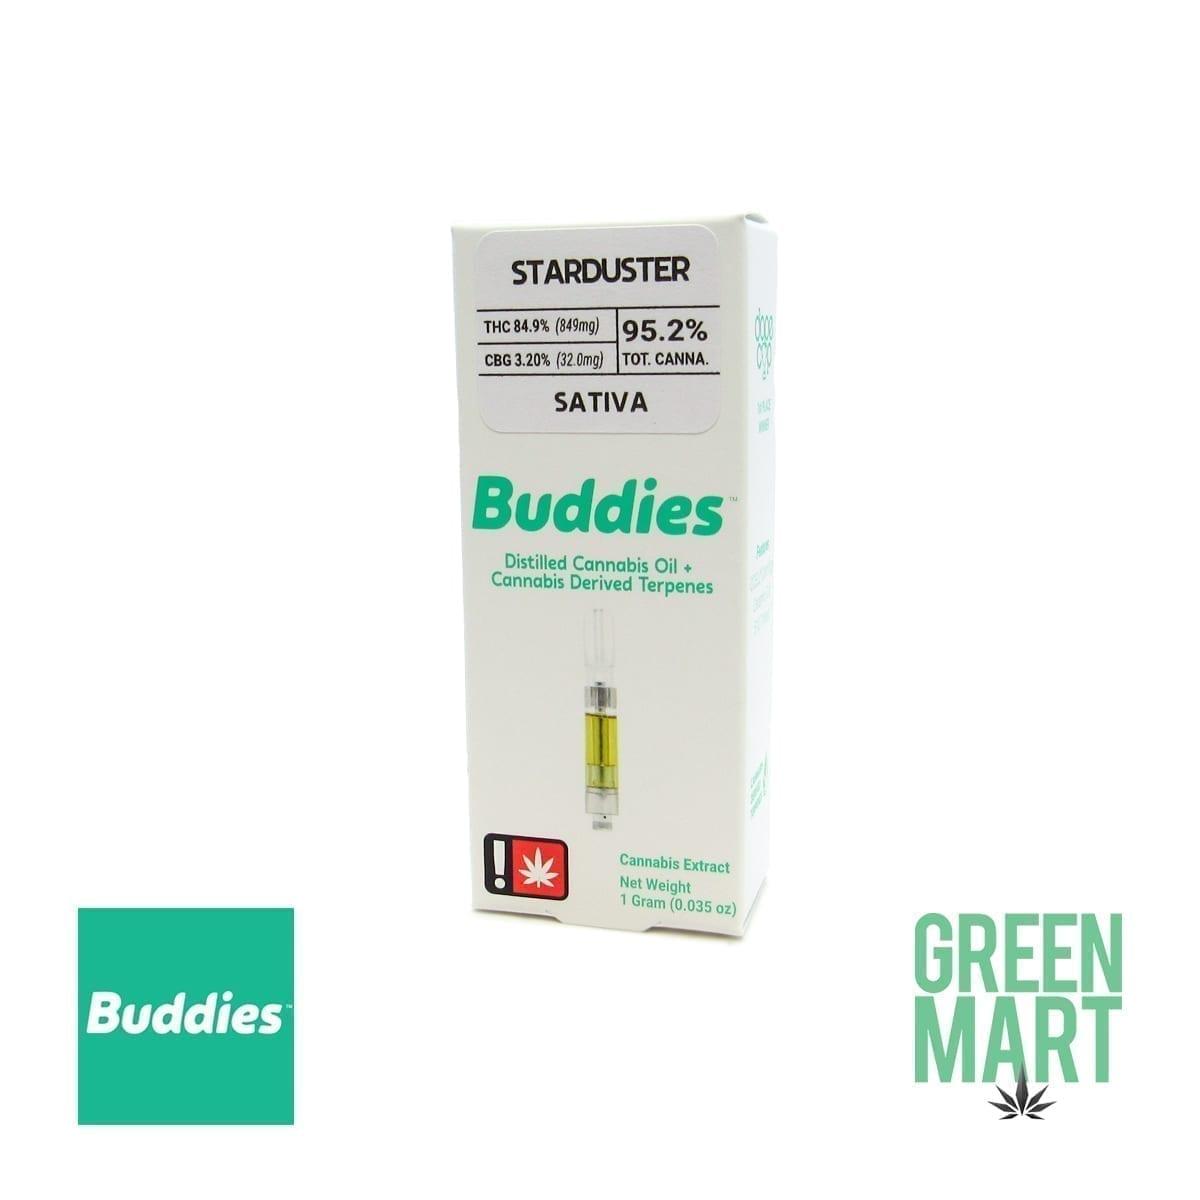 Buddies Brand Distillate Cartridge - Starduster